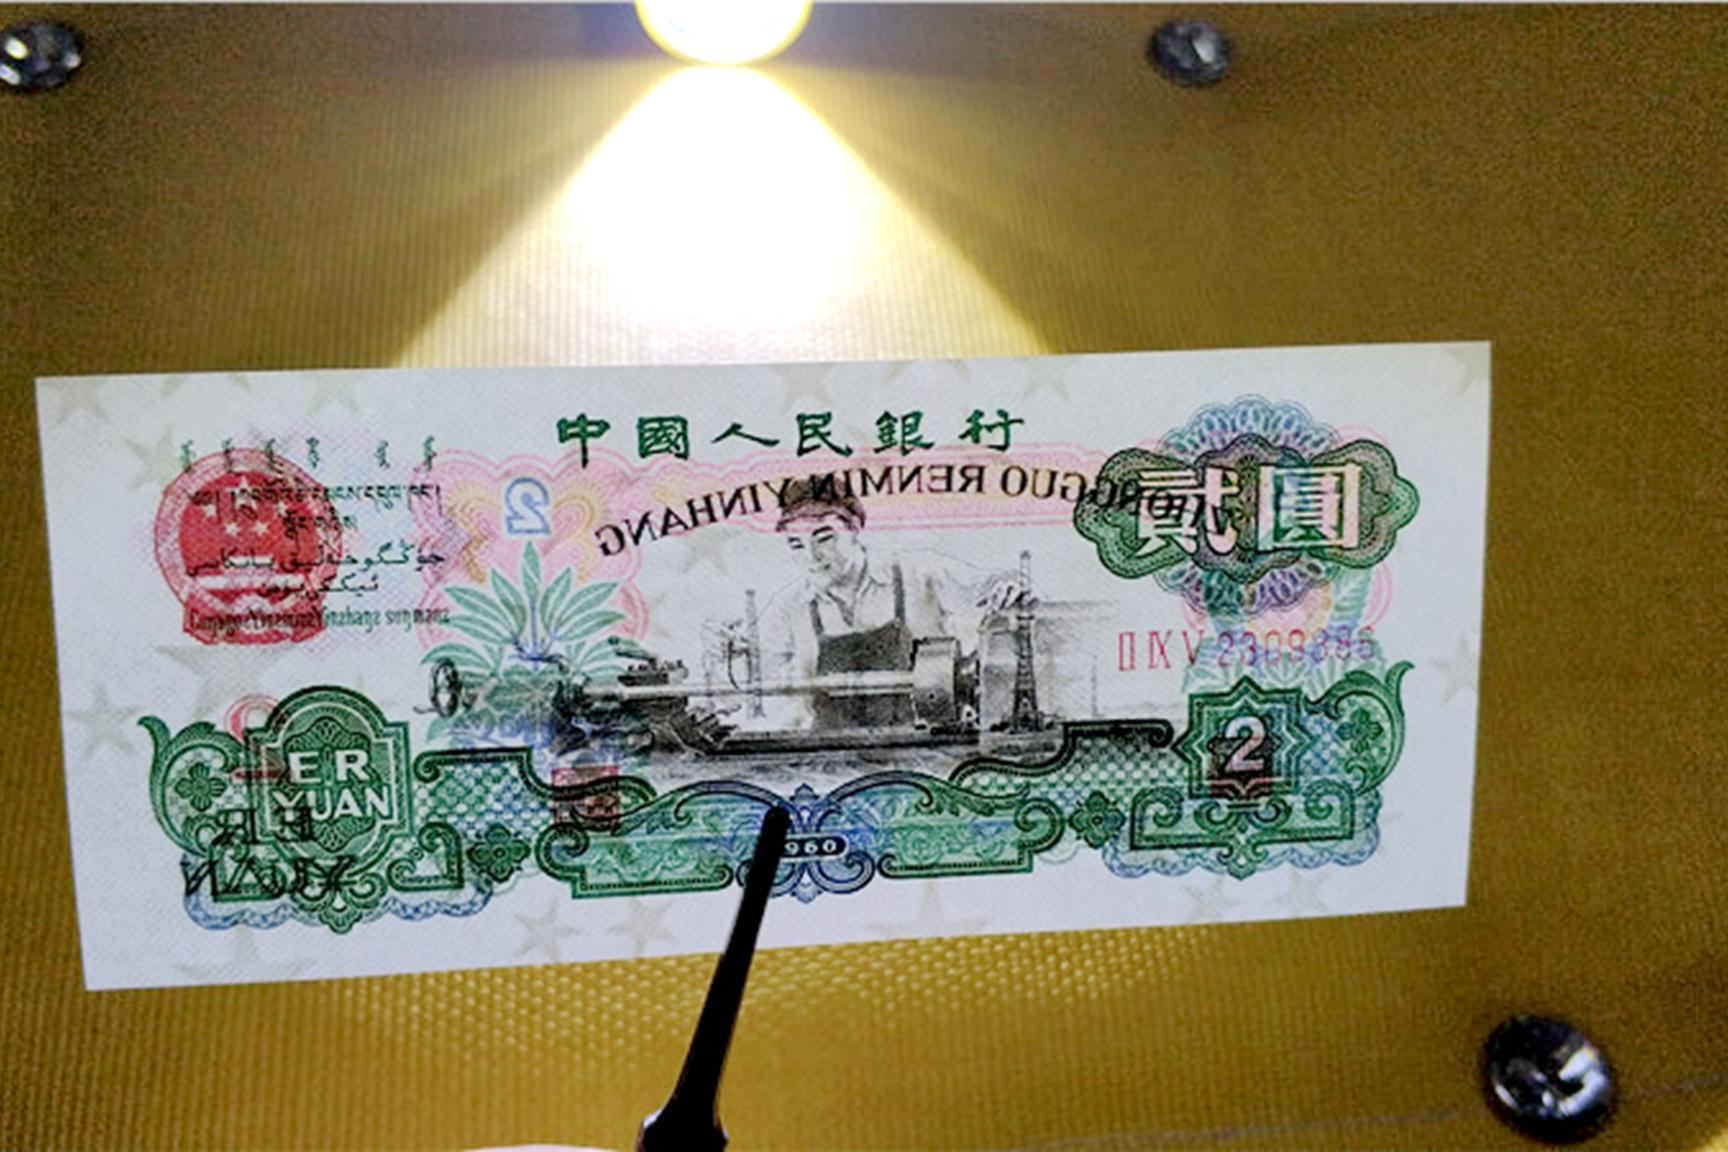 民间流传的2元旧版币,一张价值2200元,找找看!